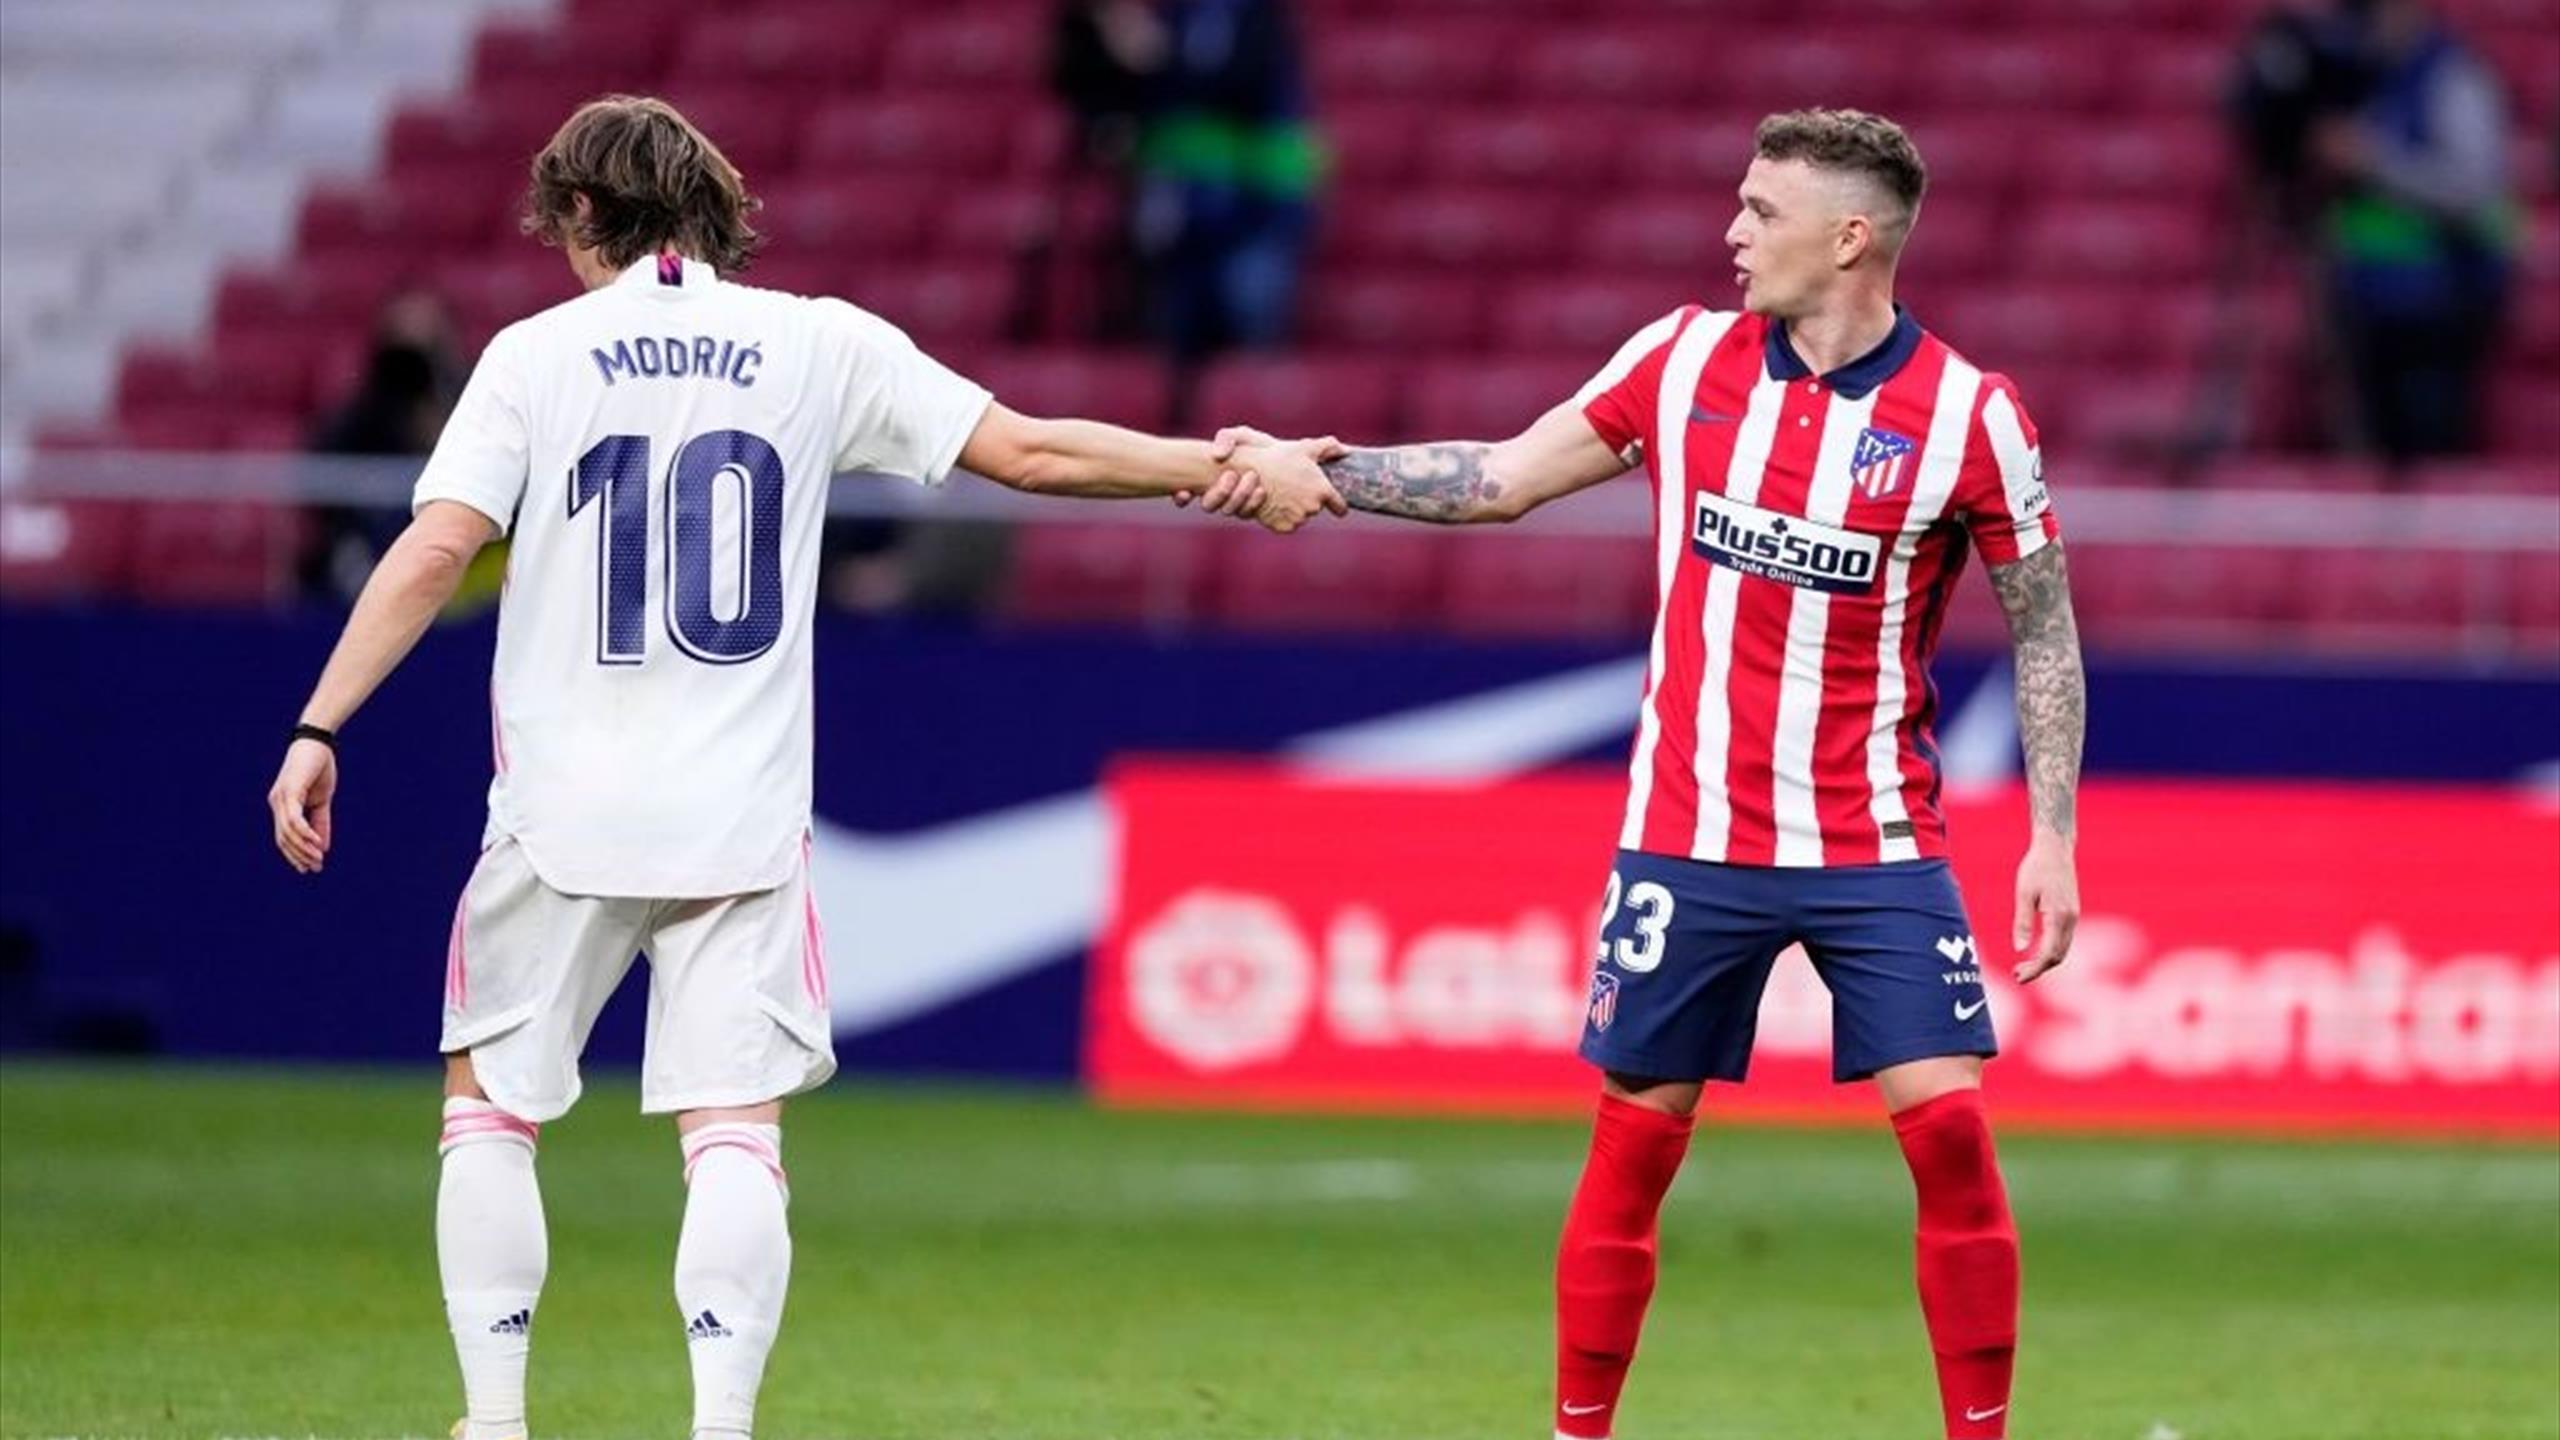 Liga / Dernière journée : Une finale à distance entre l'Atletico et le Real à 17 heures